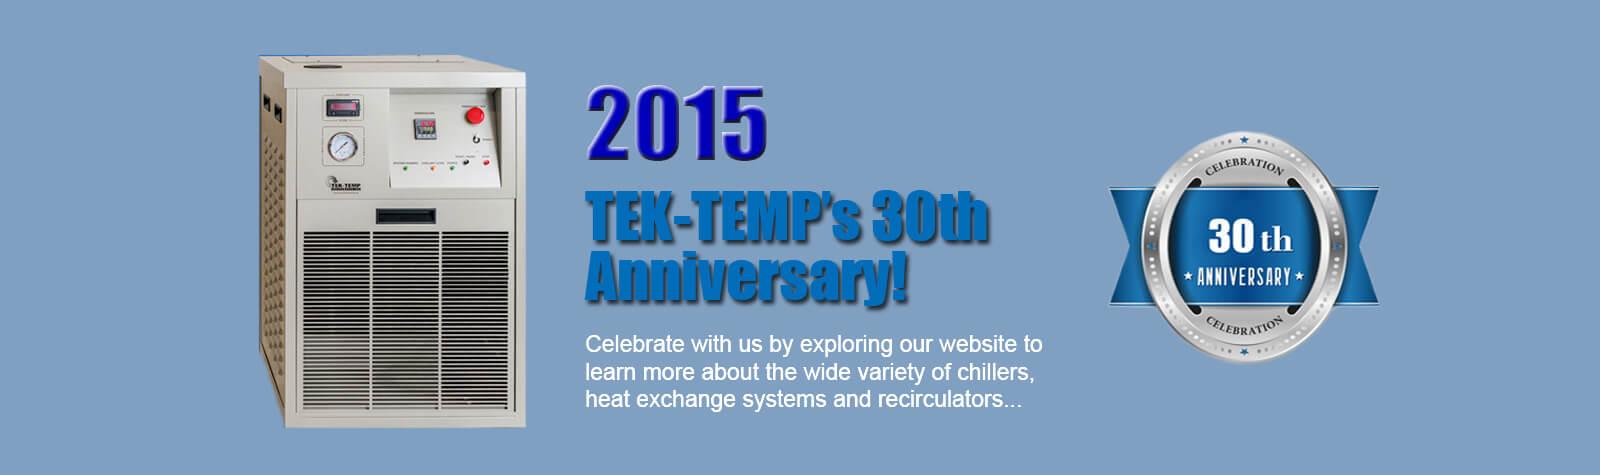 tek-temp-new-slide-anniversary